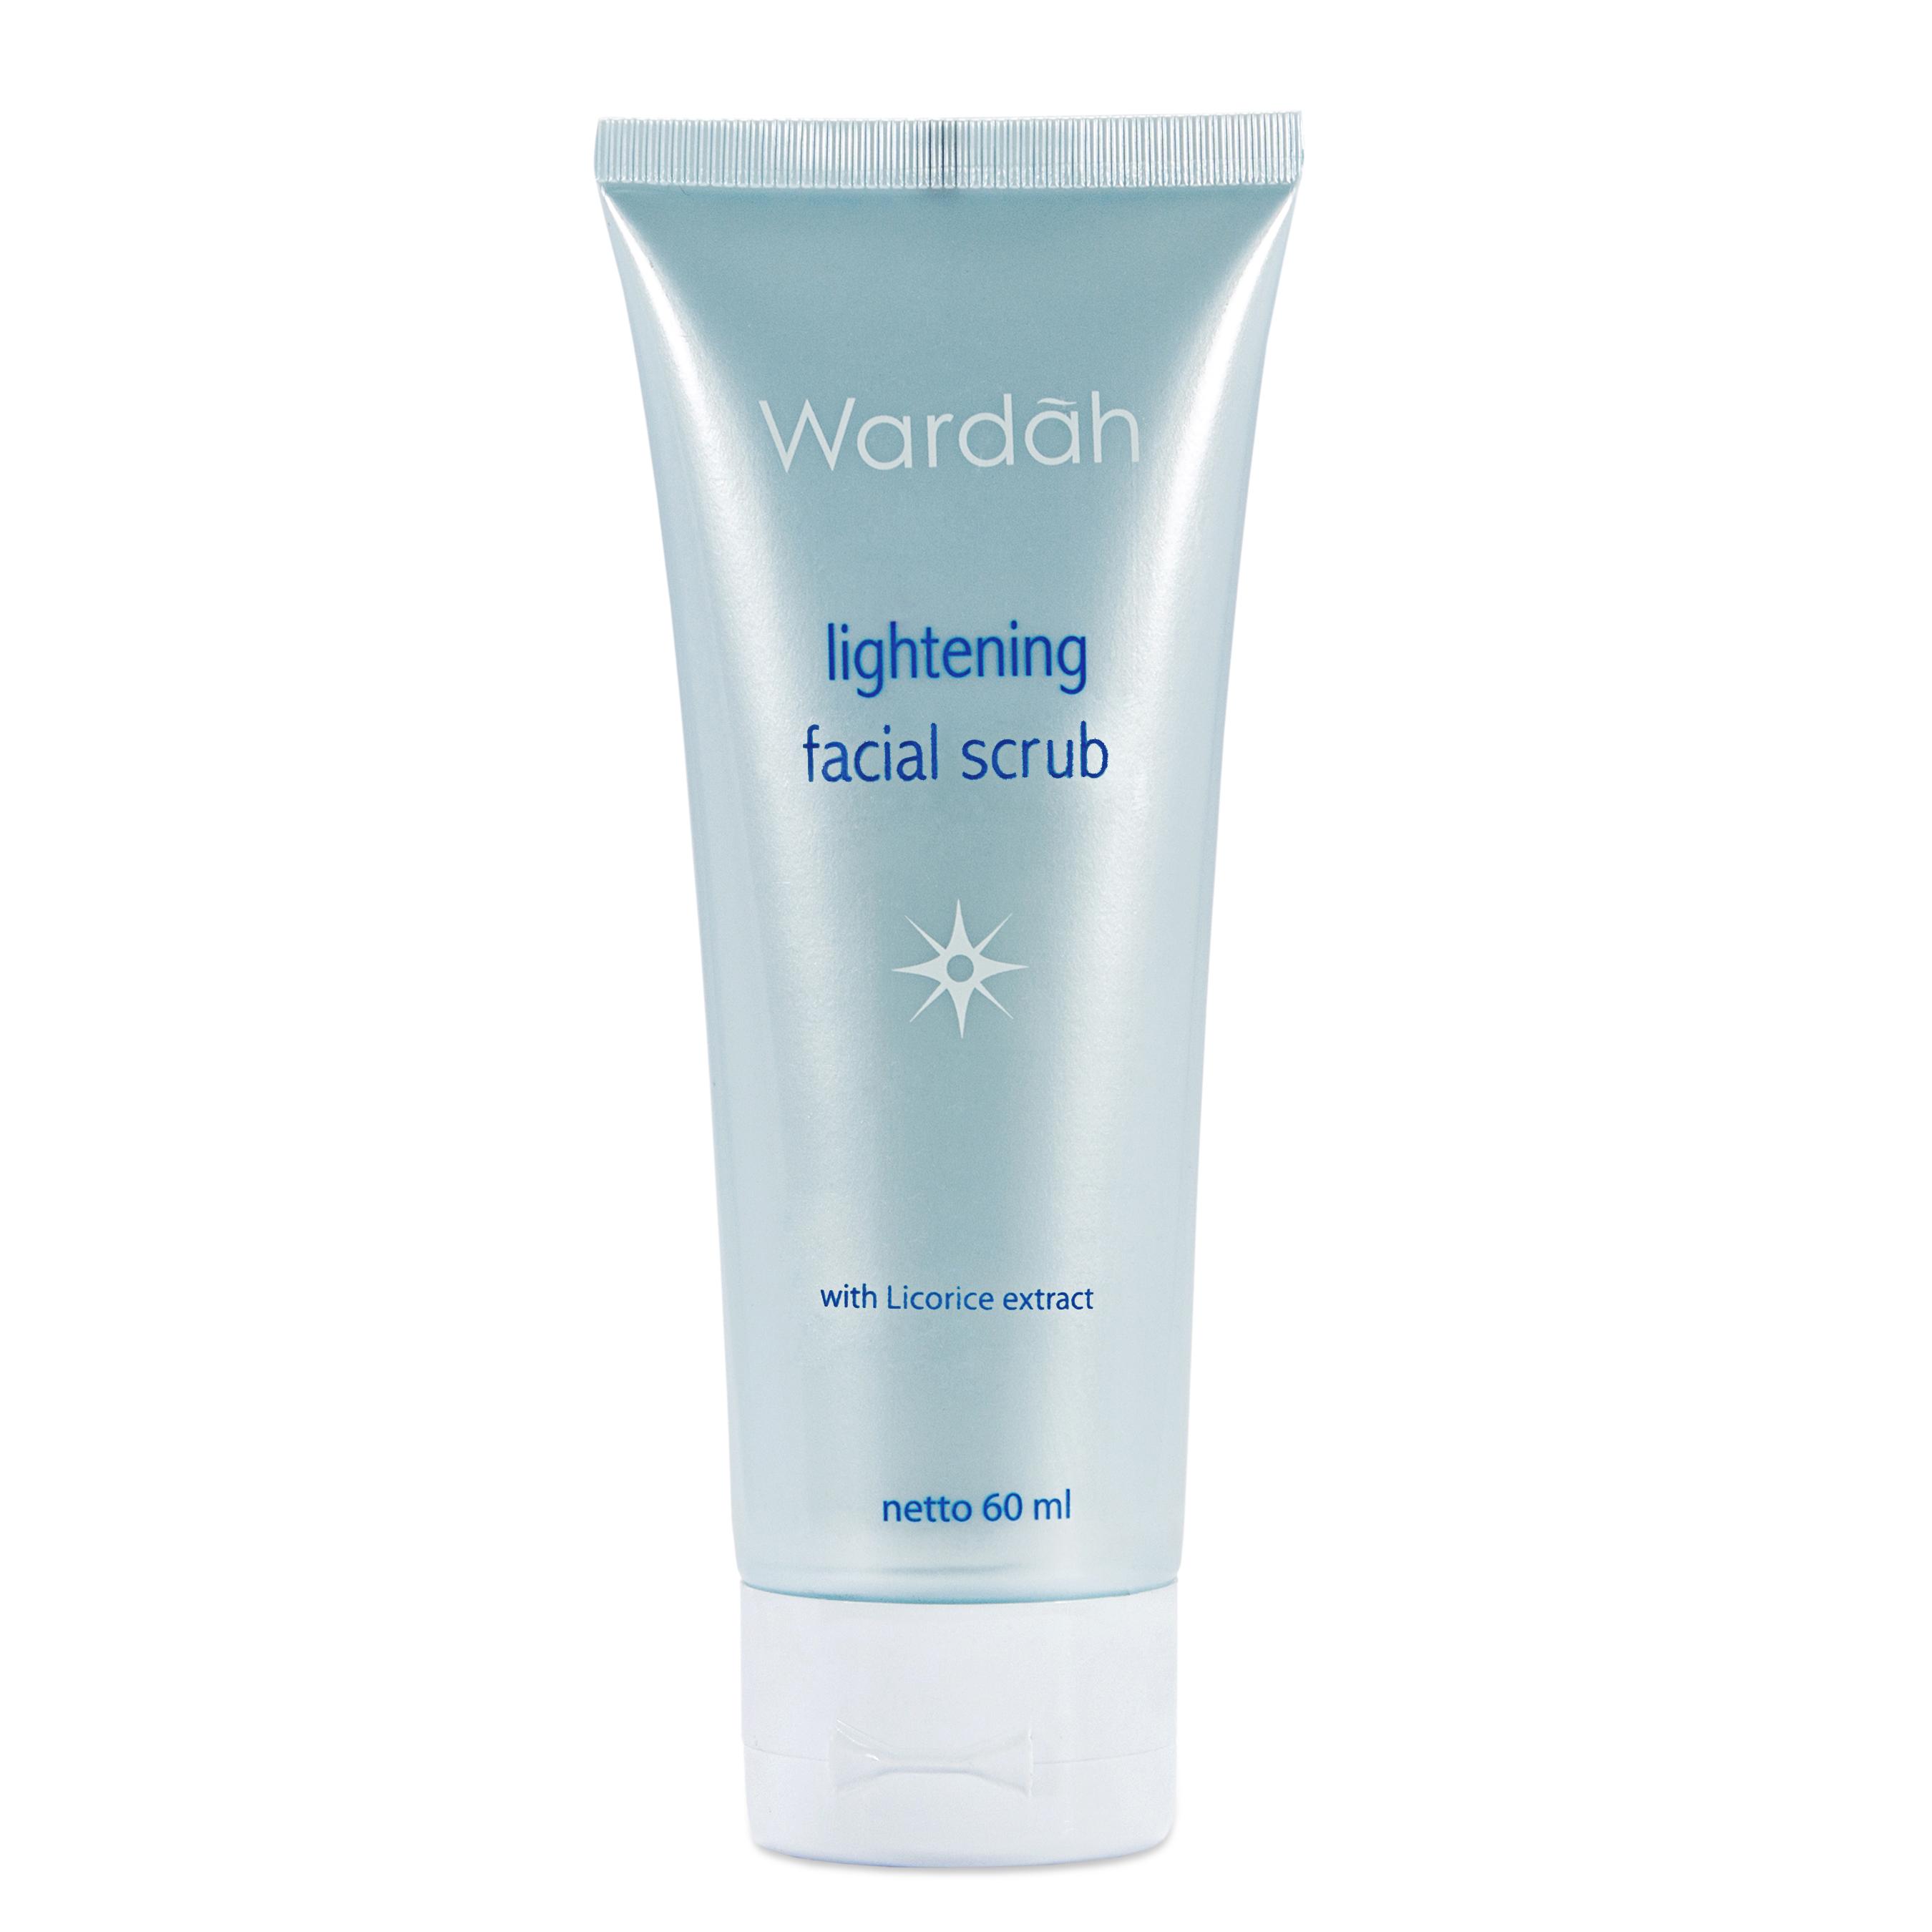 Wardah Lightening Facial Scrub 60ml Gogobli